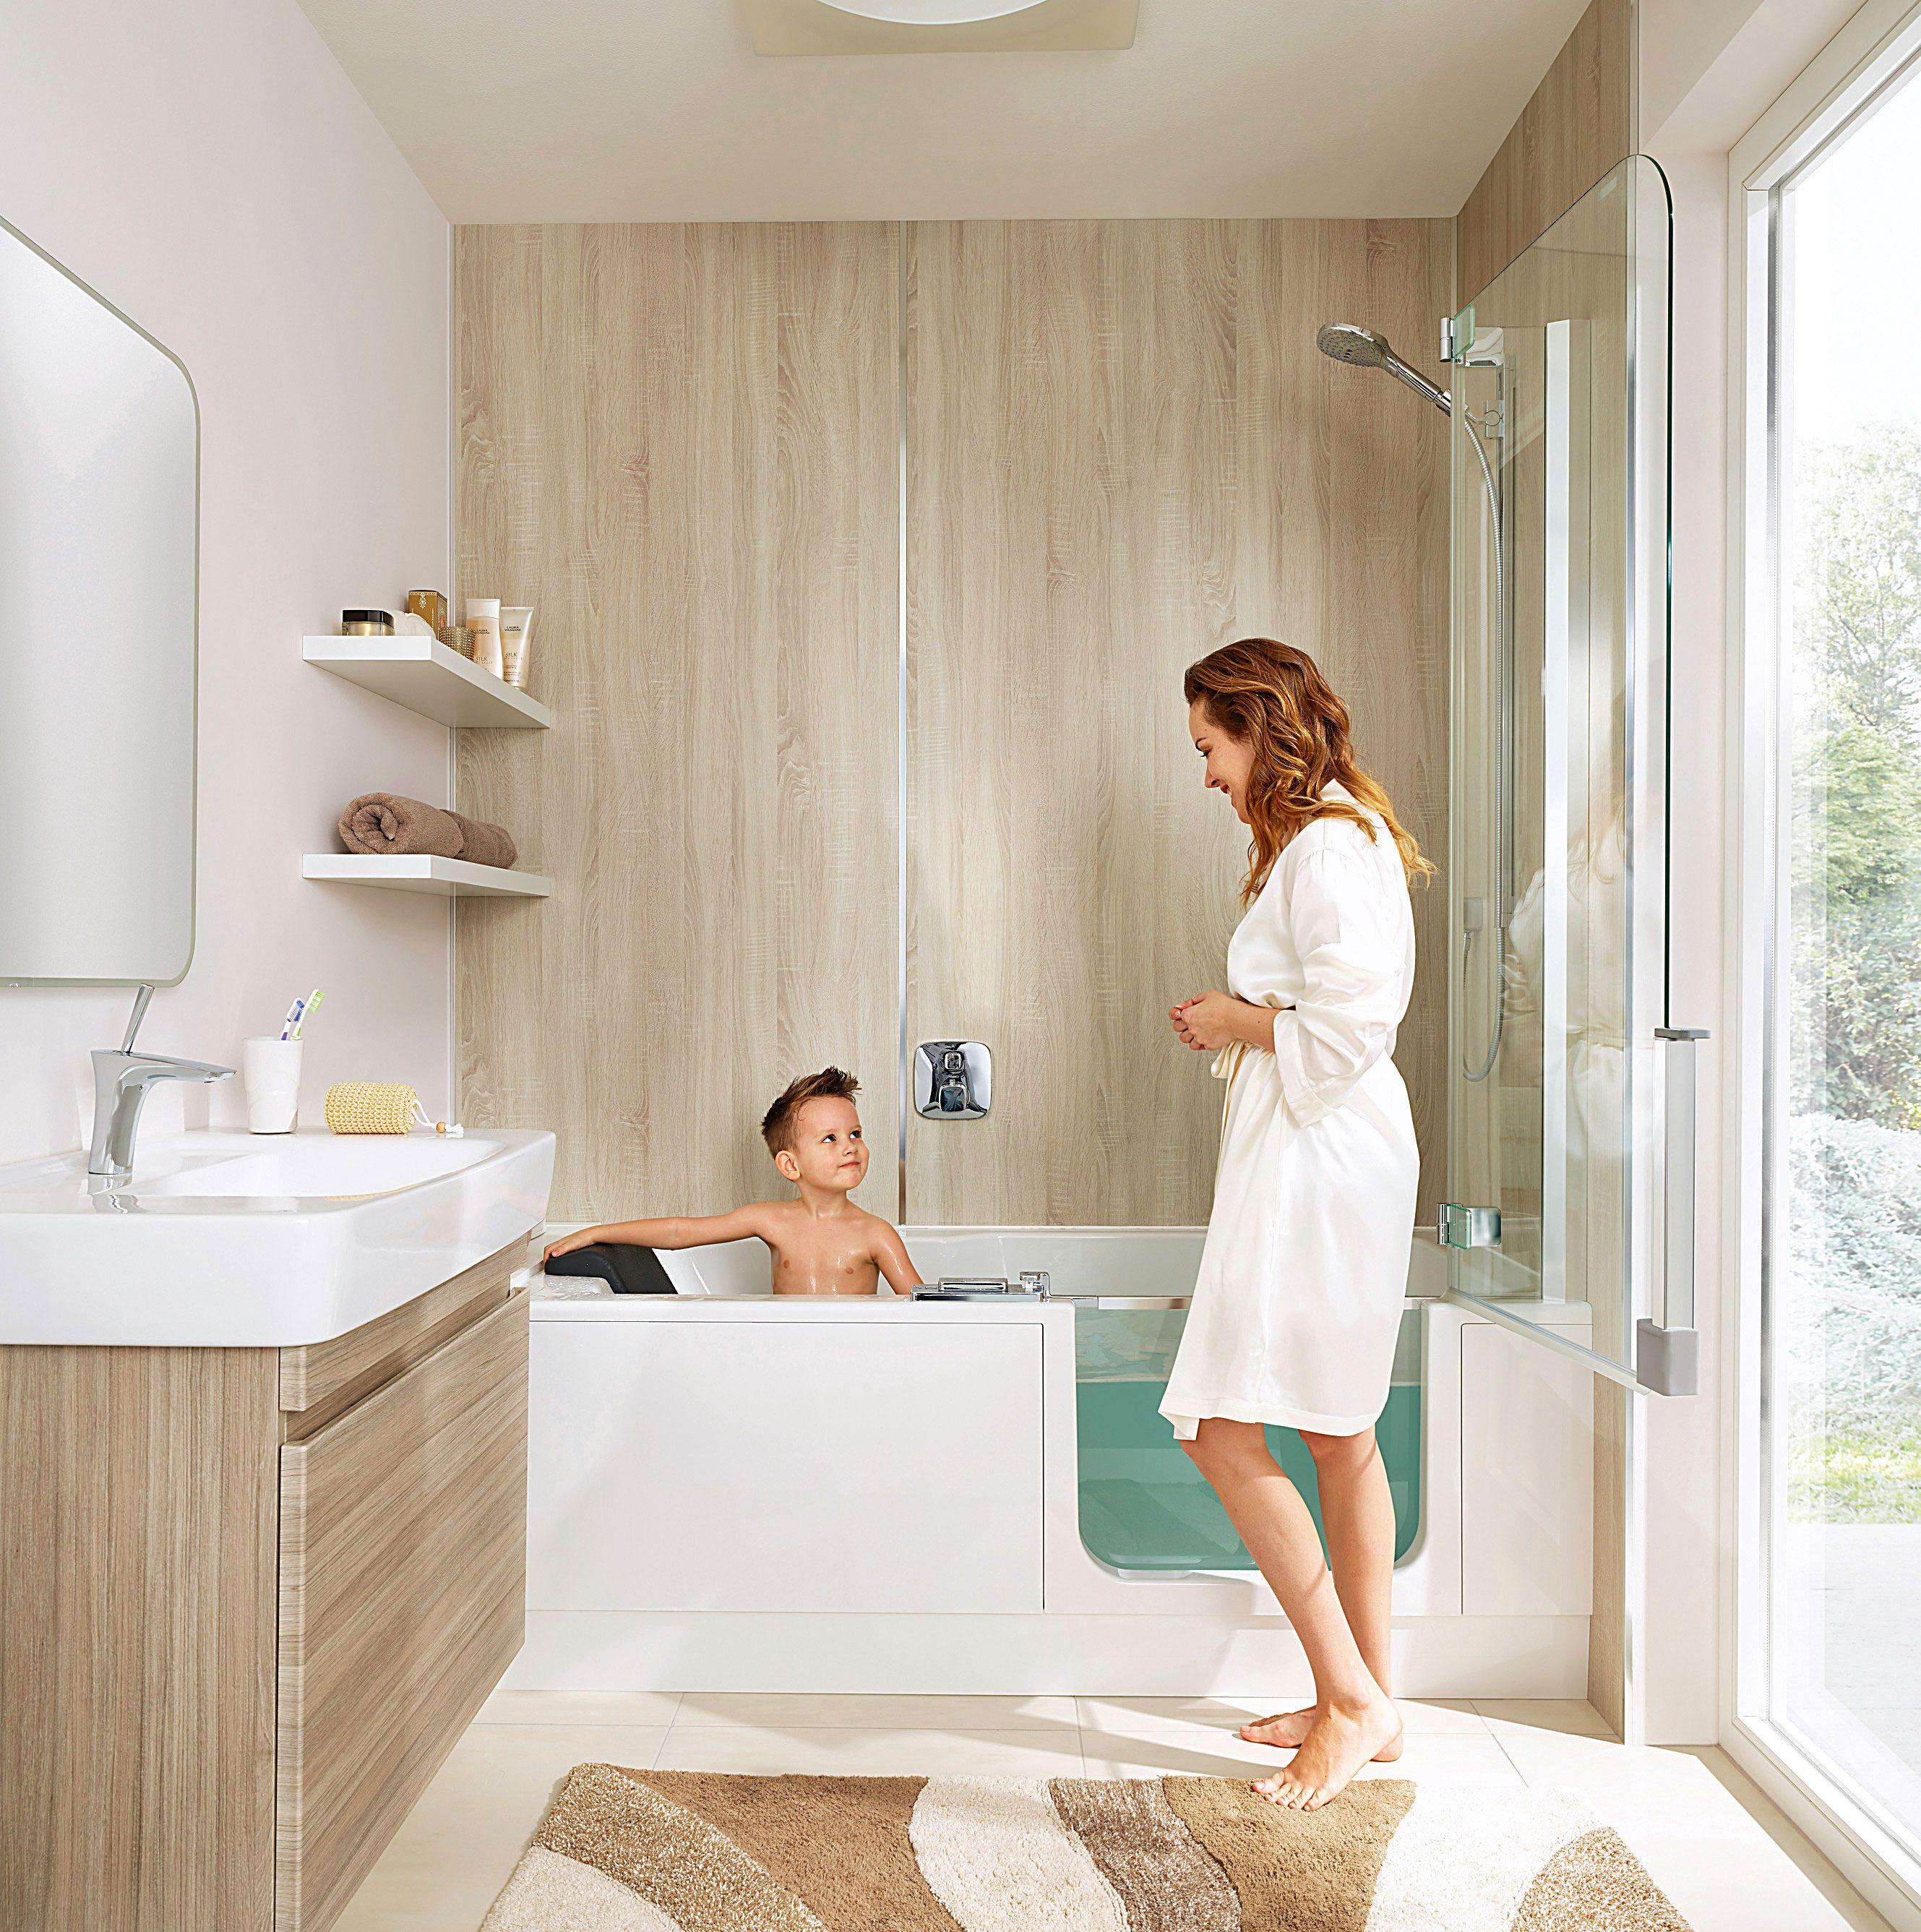 Tipps Zur Badewanne Planung Kauf Einbau Und Pflege In 2020 Badezimmer Badewanne Und Badezimmer Design